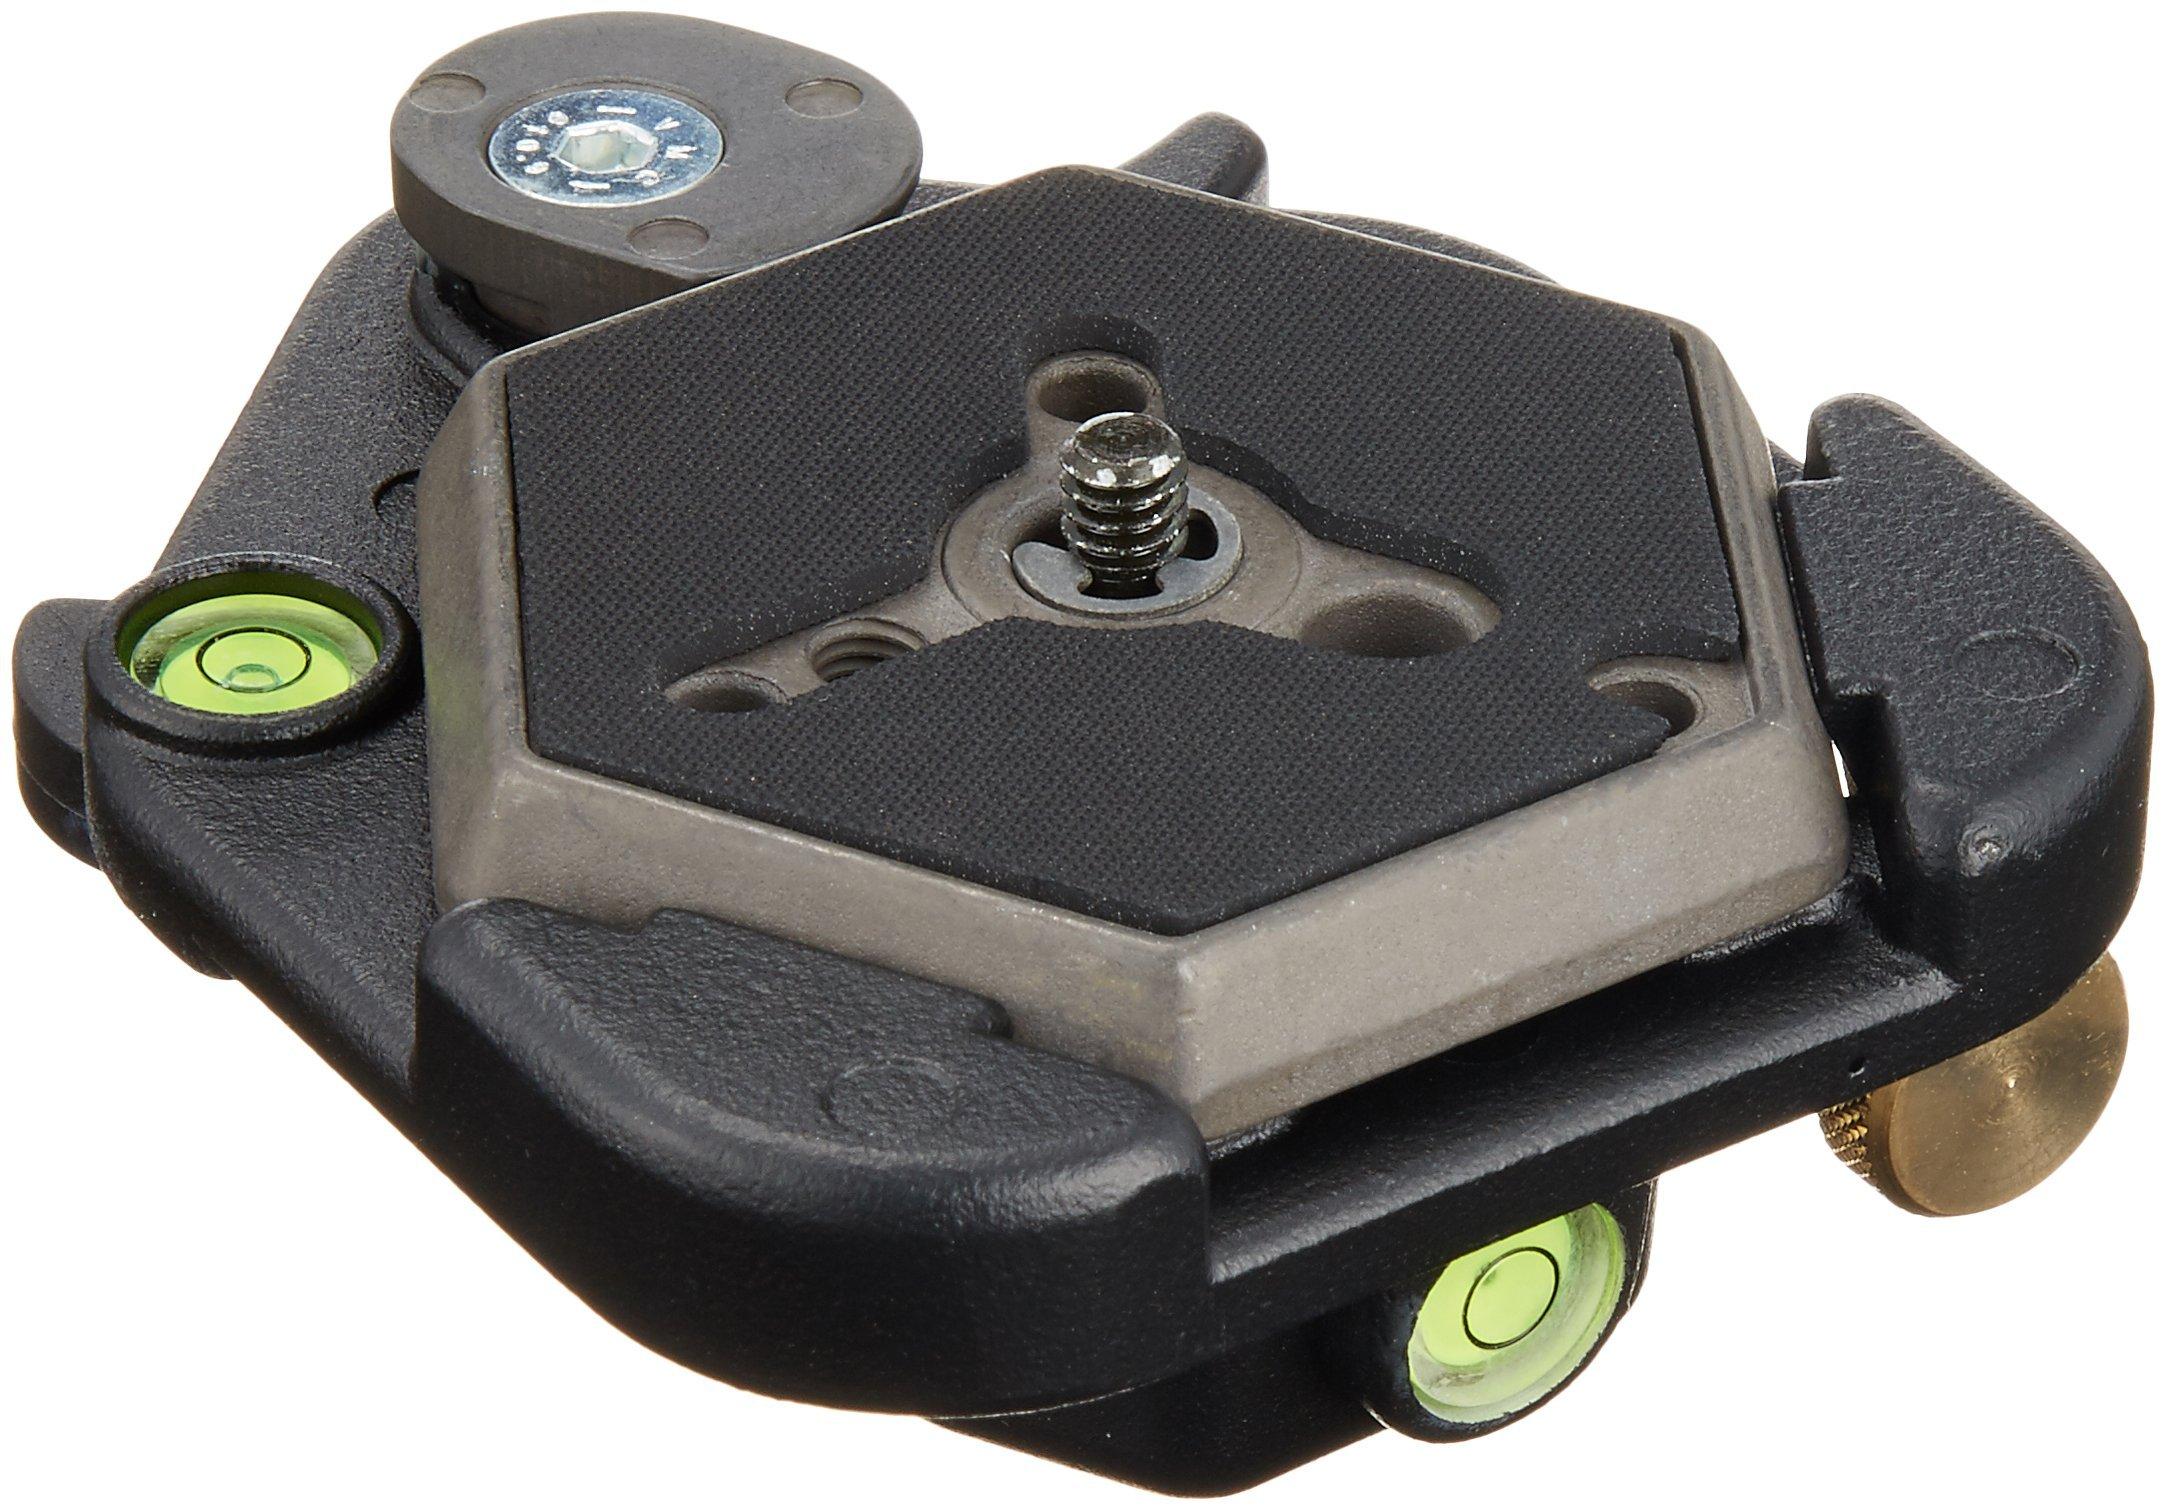 Manfrotto 625 Hexagonal Plate Adapter